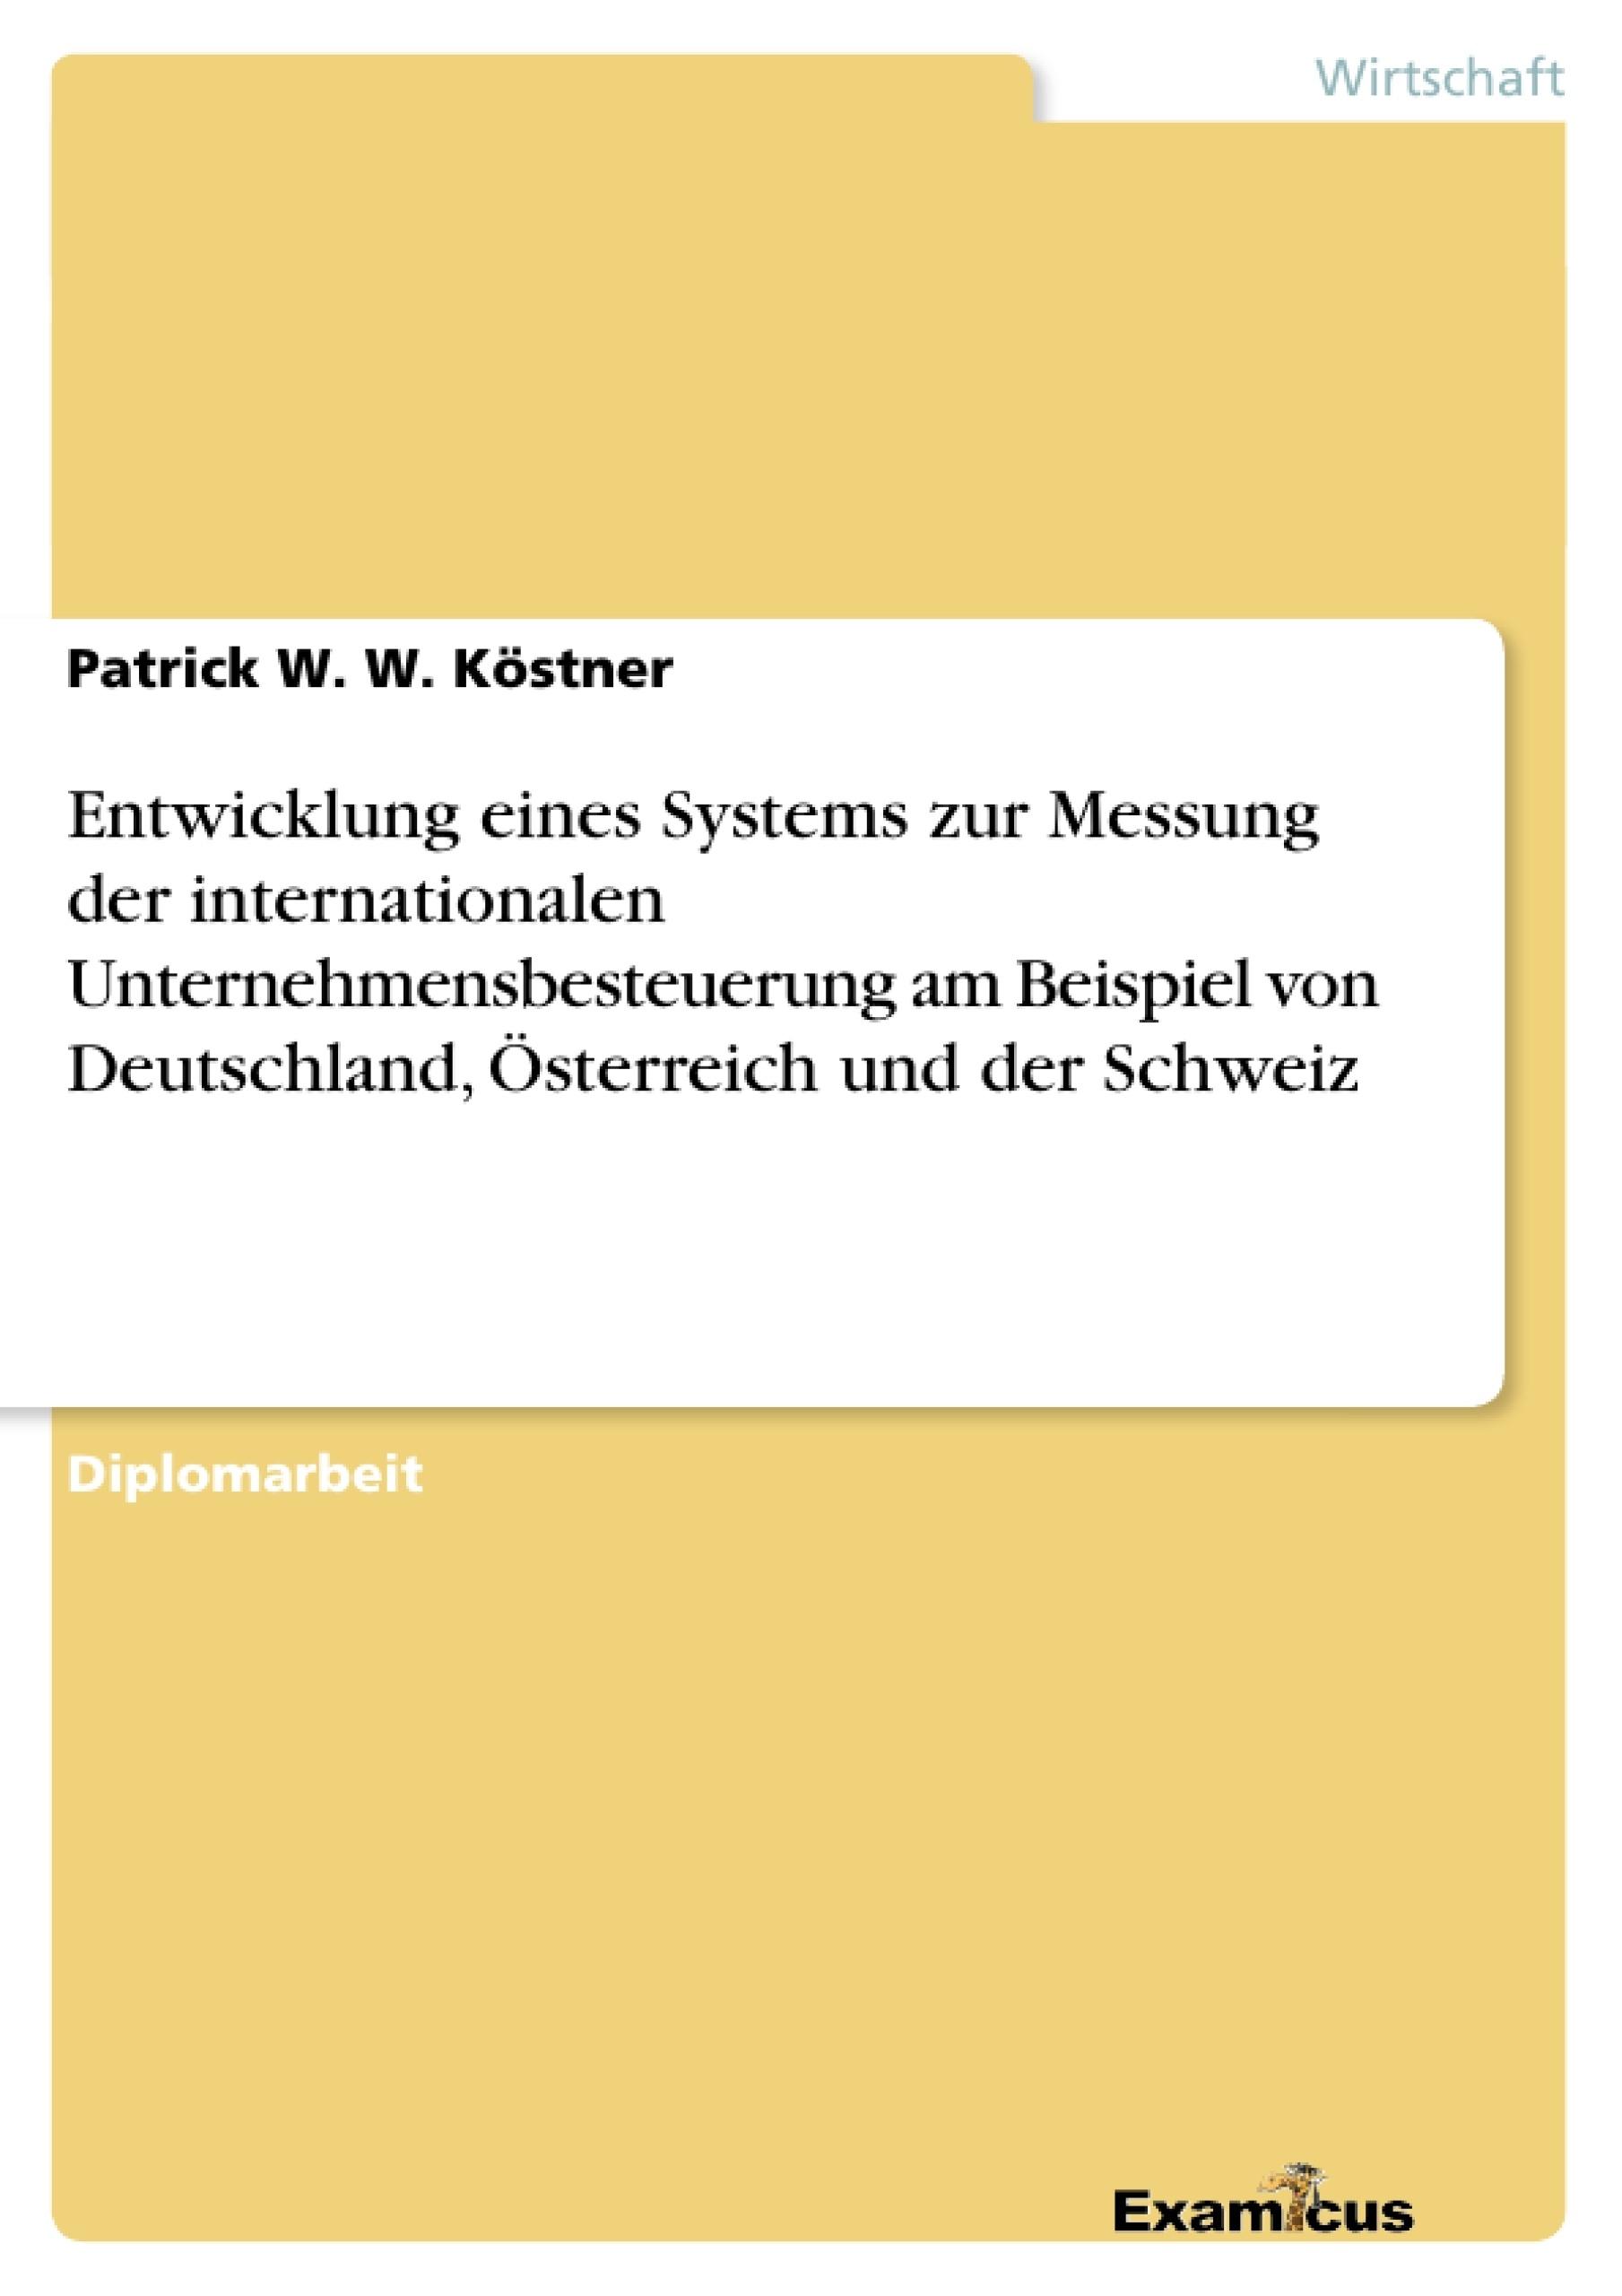 Titel: Entwicklung eines Systems zur Messung der internationalen Unternehmensbesteuerung am Beispiel von Deutschland, Österreich und der Schweiz